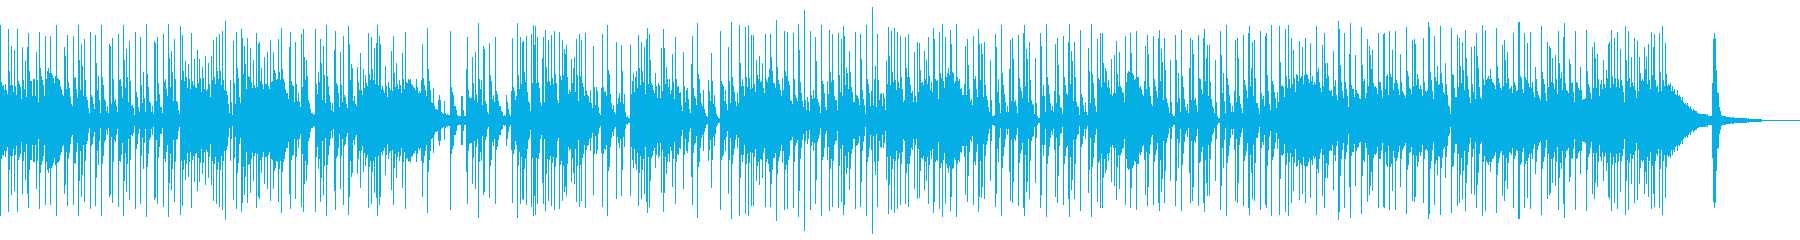 ファンクロックのドラムBGMの再生済みの波形